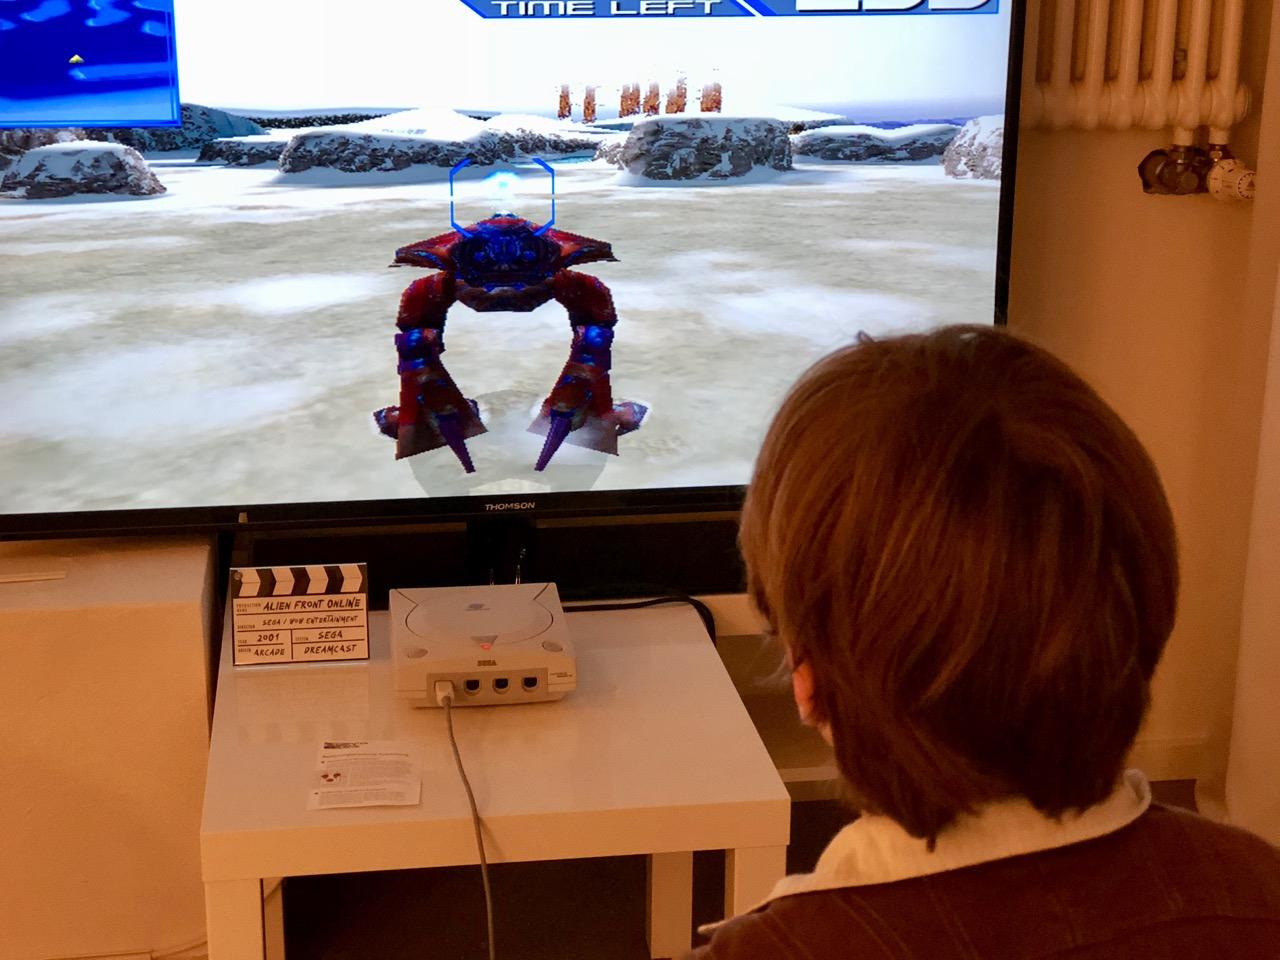 Alien Front Online ist leider nur in Nordamerika erschienen. In dem Multiplayer-Spiel von 2001 kann man entweder als Alien oder als Mensch agieren. (Bild: André Eymann)